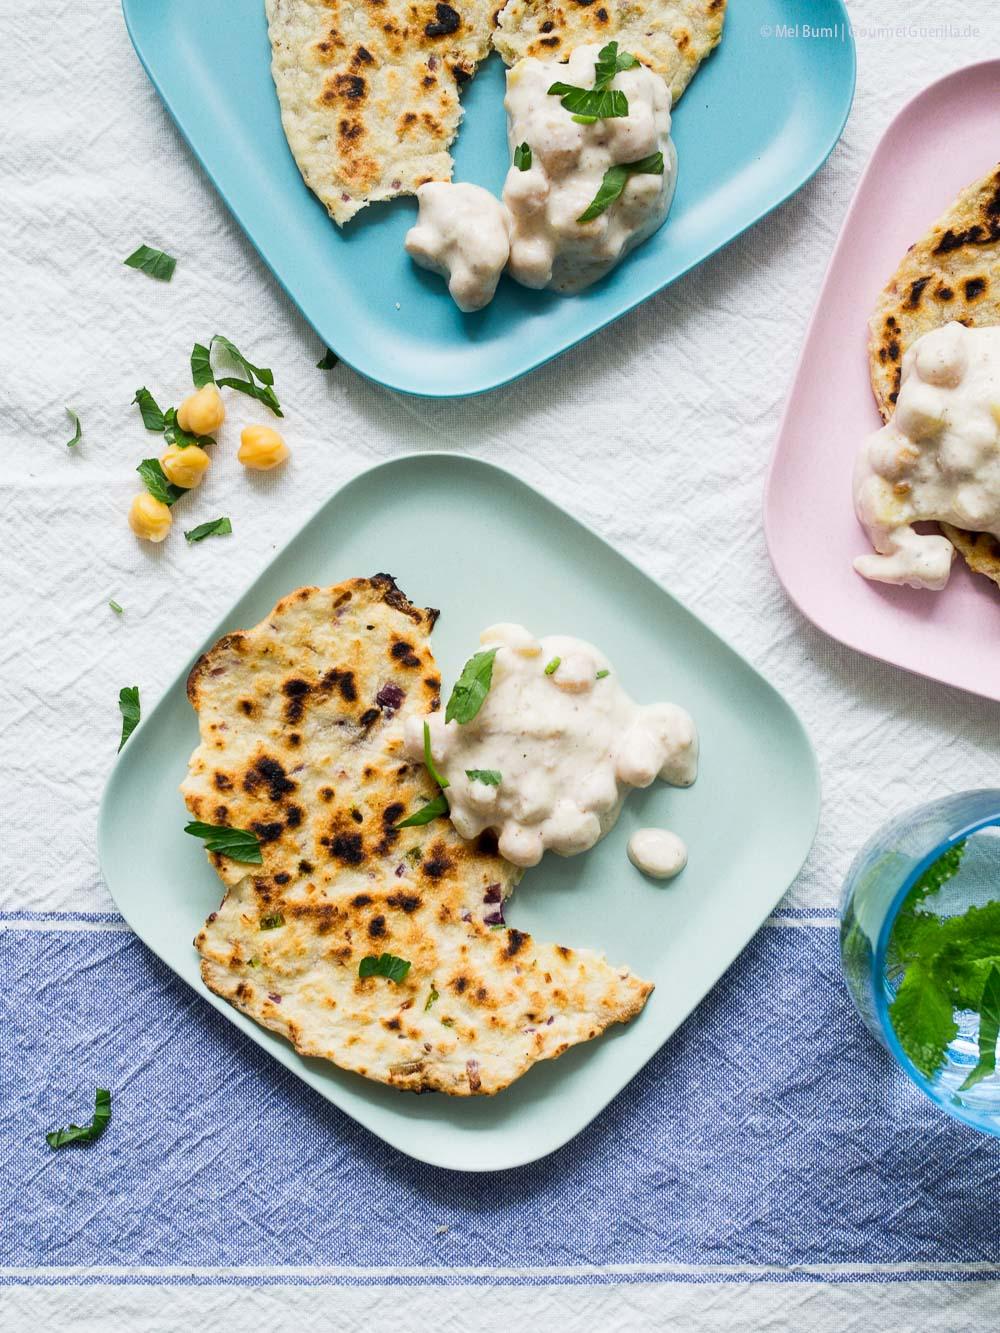 Indische Raita aus Kartoffeln, Joghurt und Kichererbsen |GourmetGuerilla.de